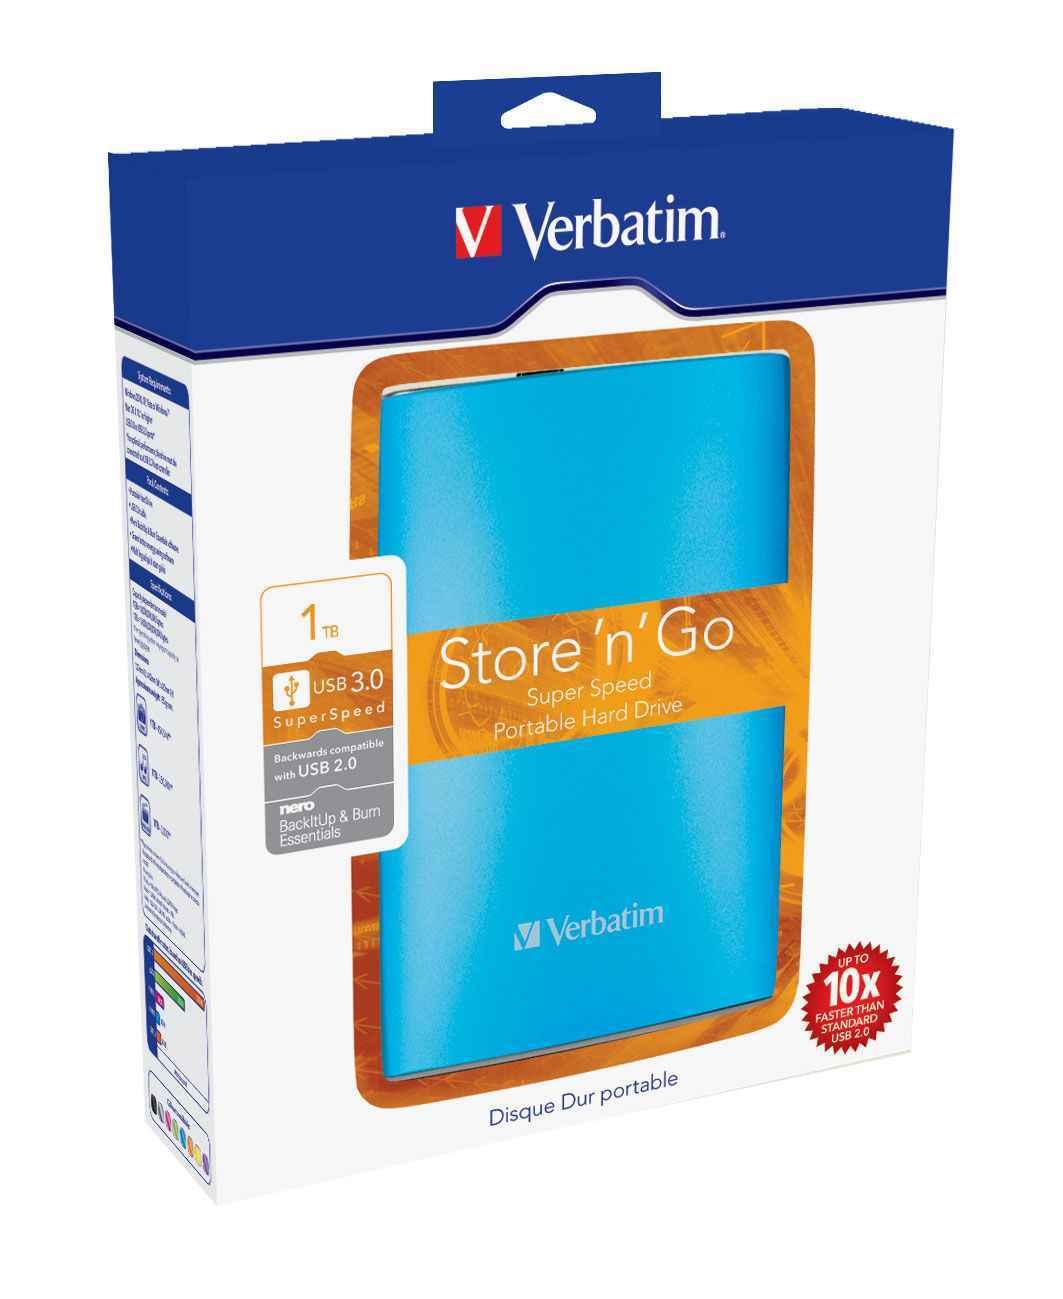 Verbatim 1 Tb Externe Festplatte 2 5 Zoll Blau Computer Zubehör